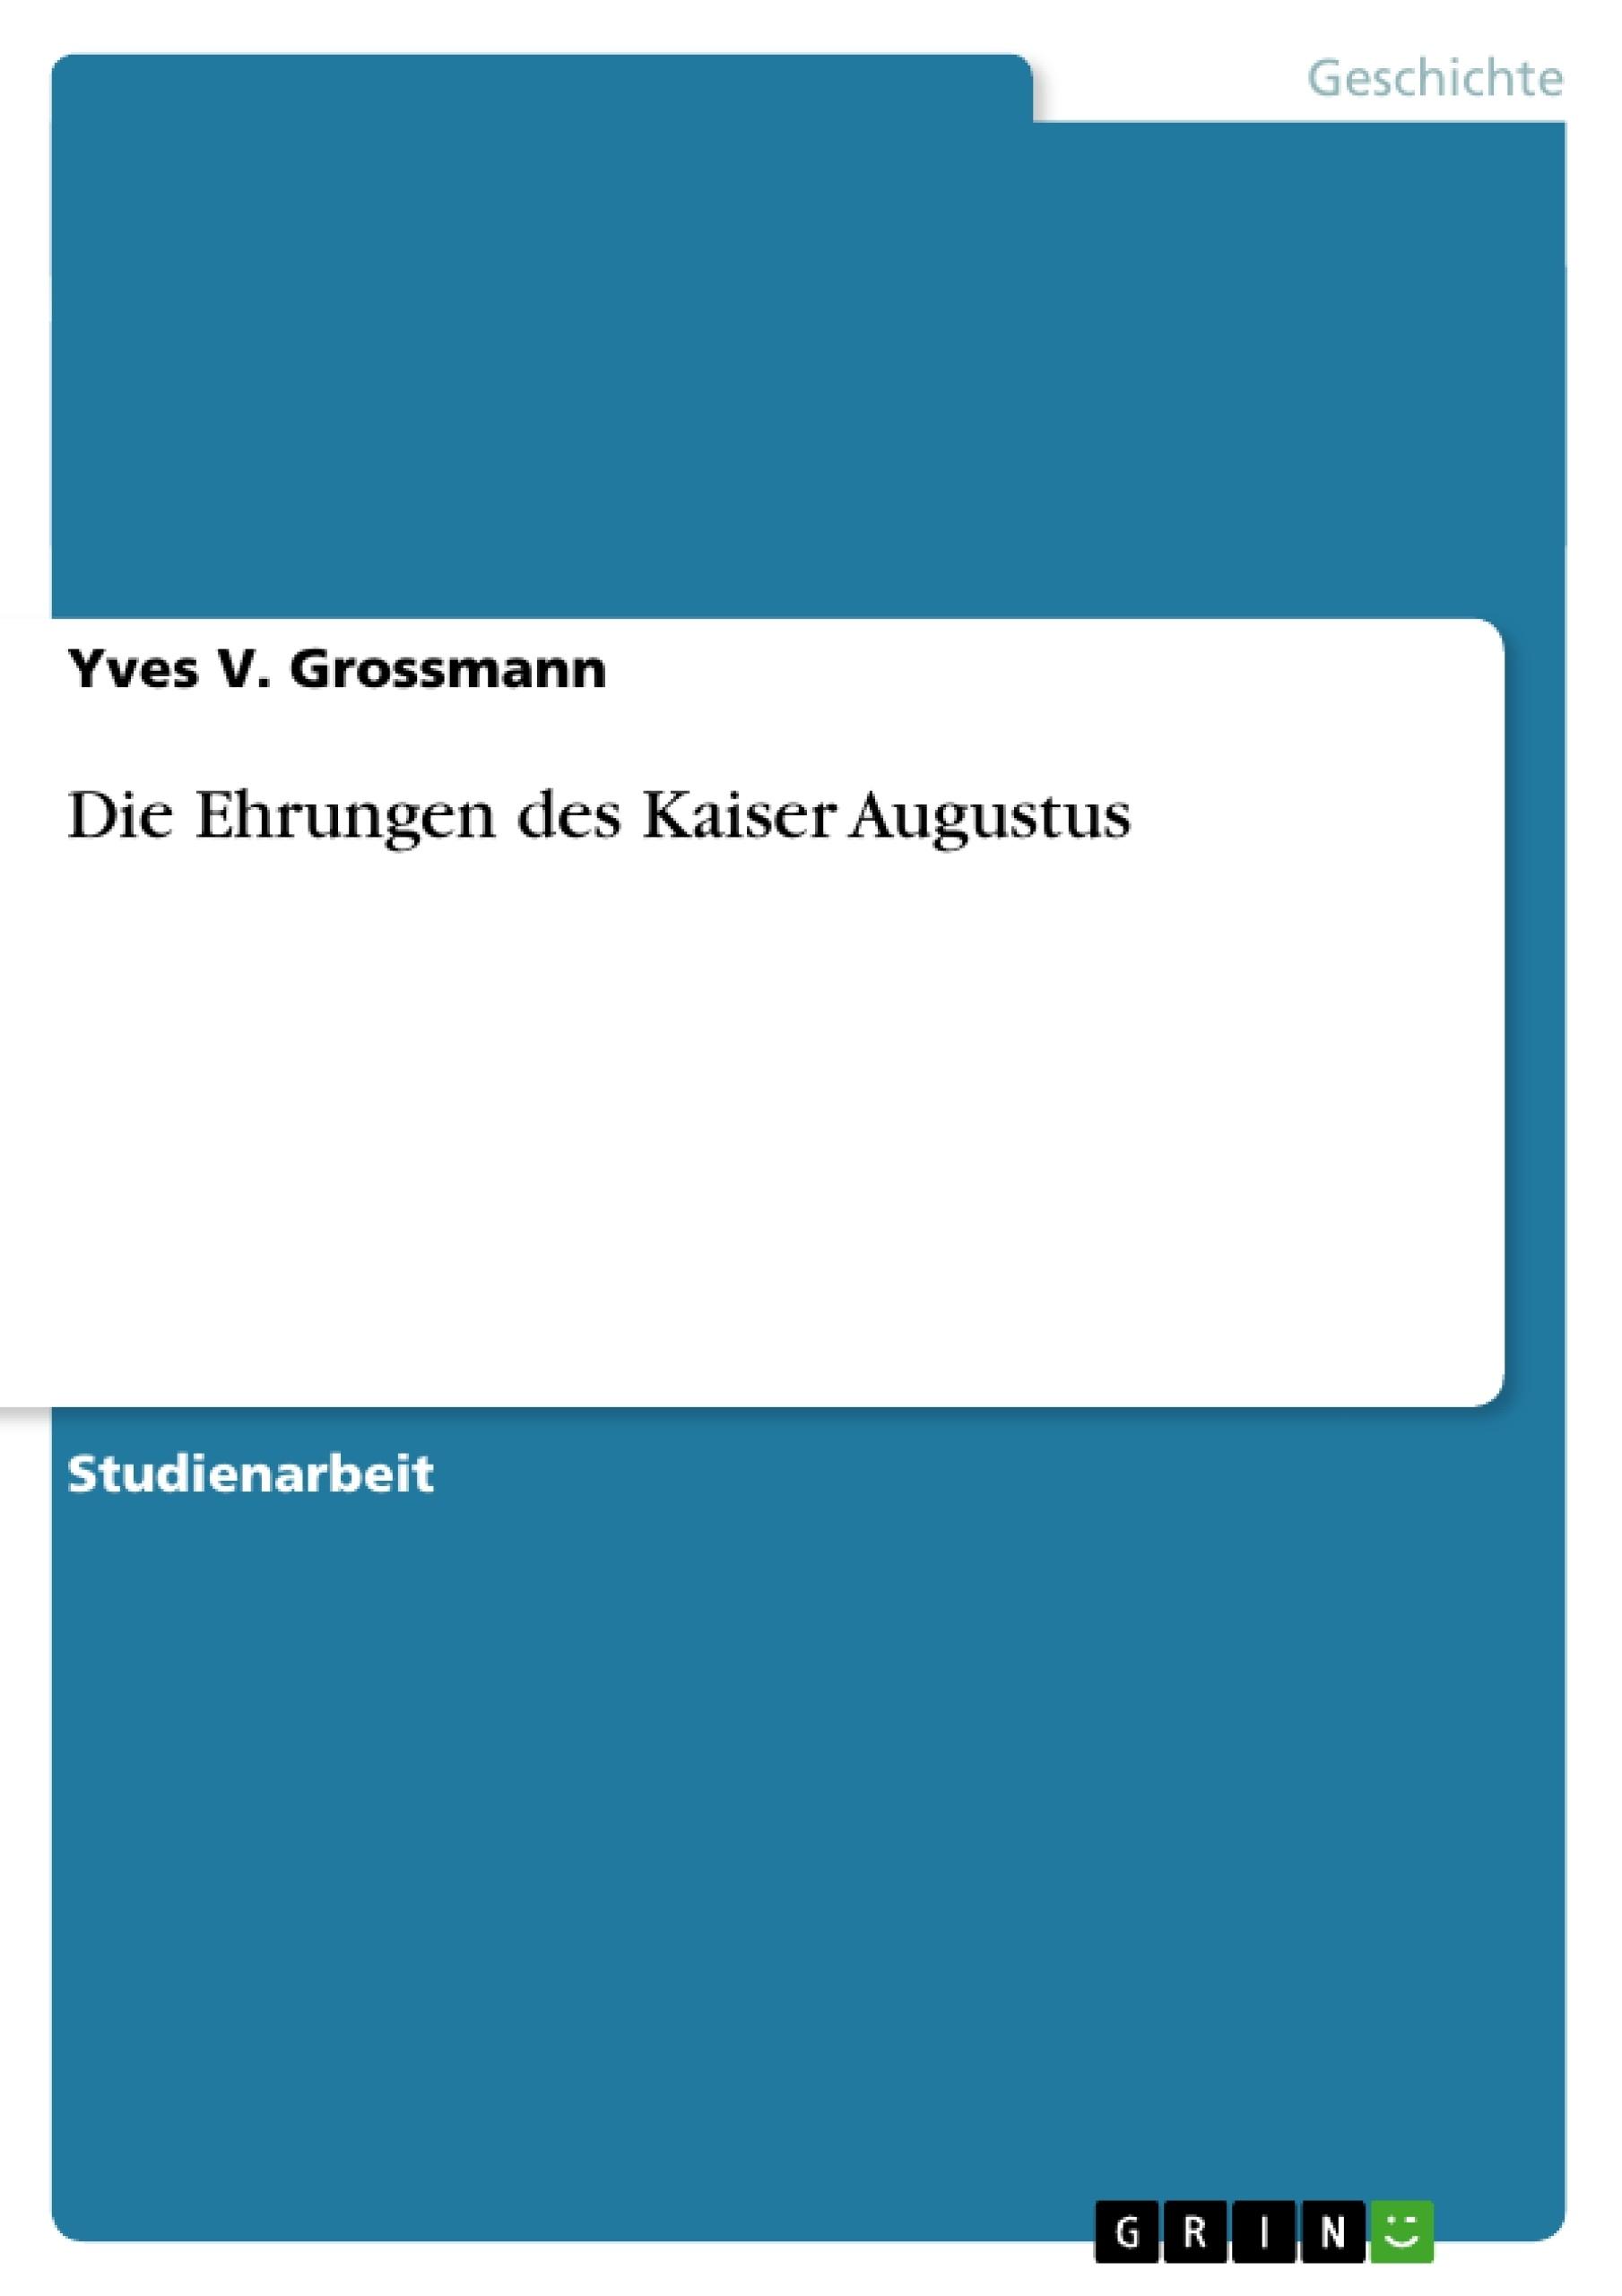 Titel: Die Ehrungen des Kaiser Augustus